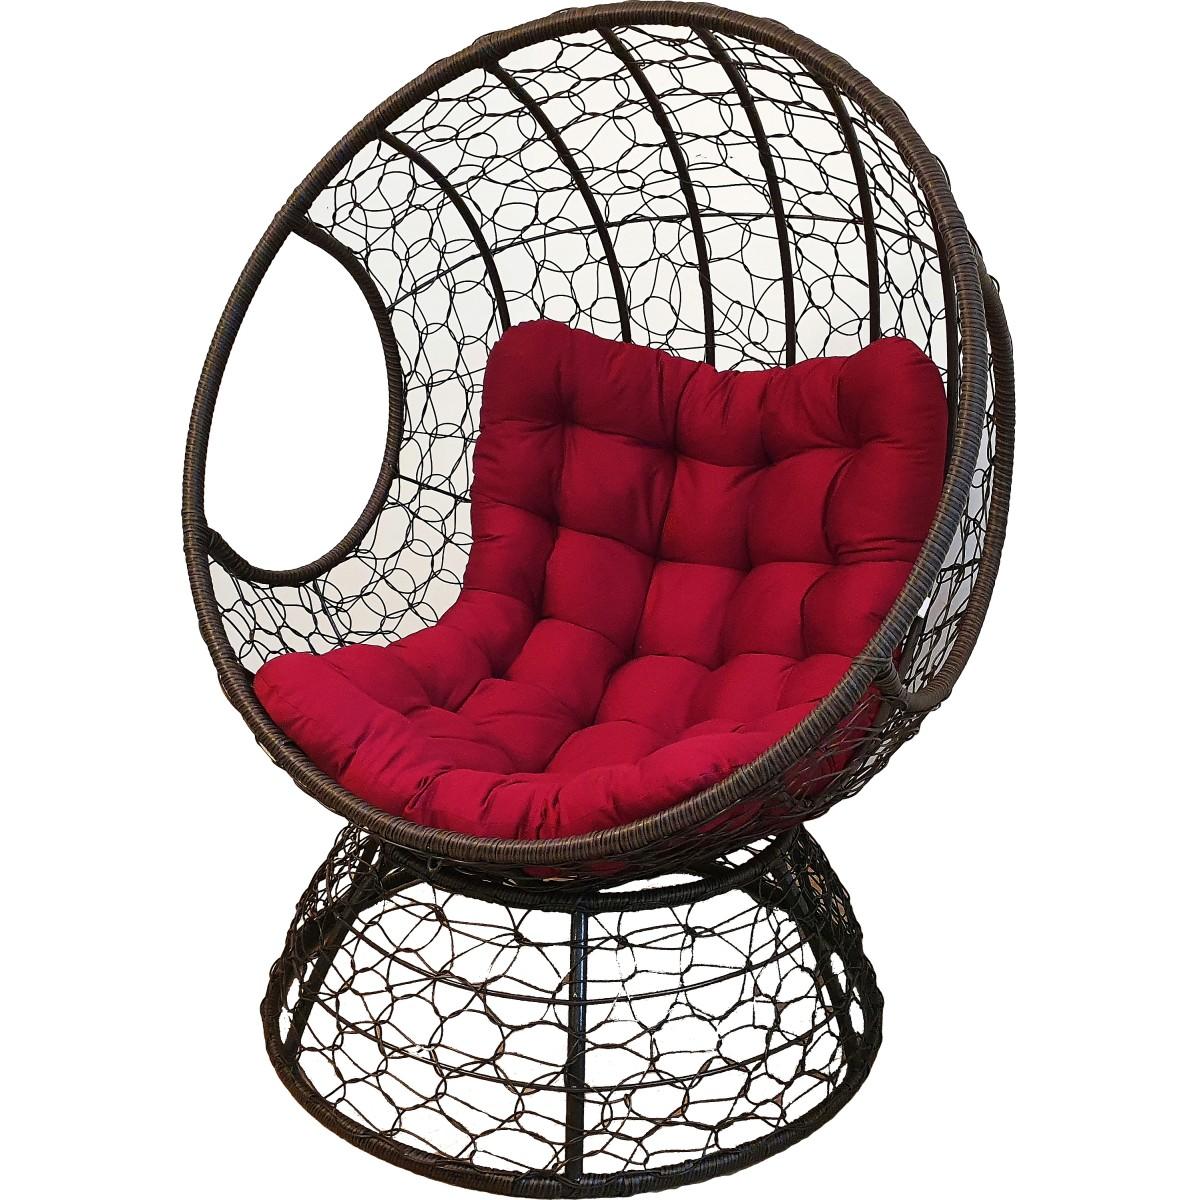 Кресло-шар Greengard из искуственного ротанга с подушкой